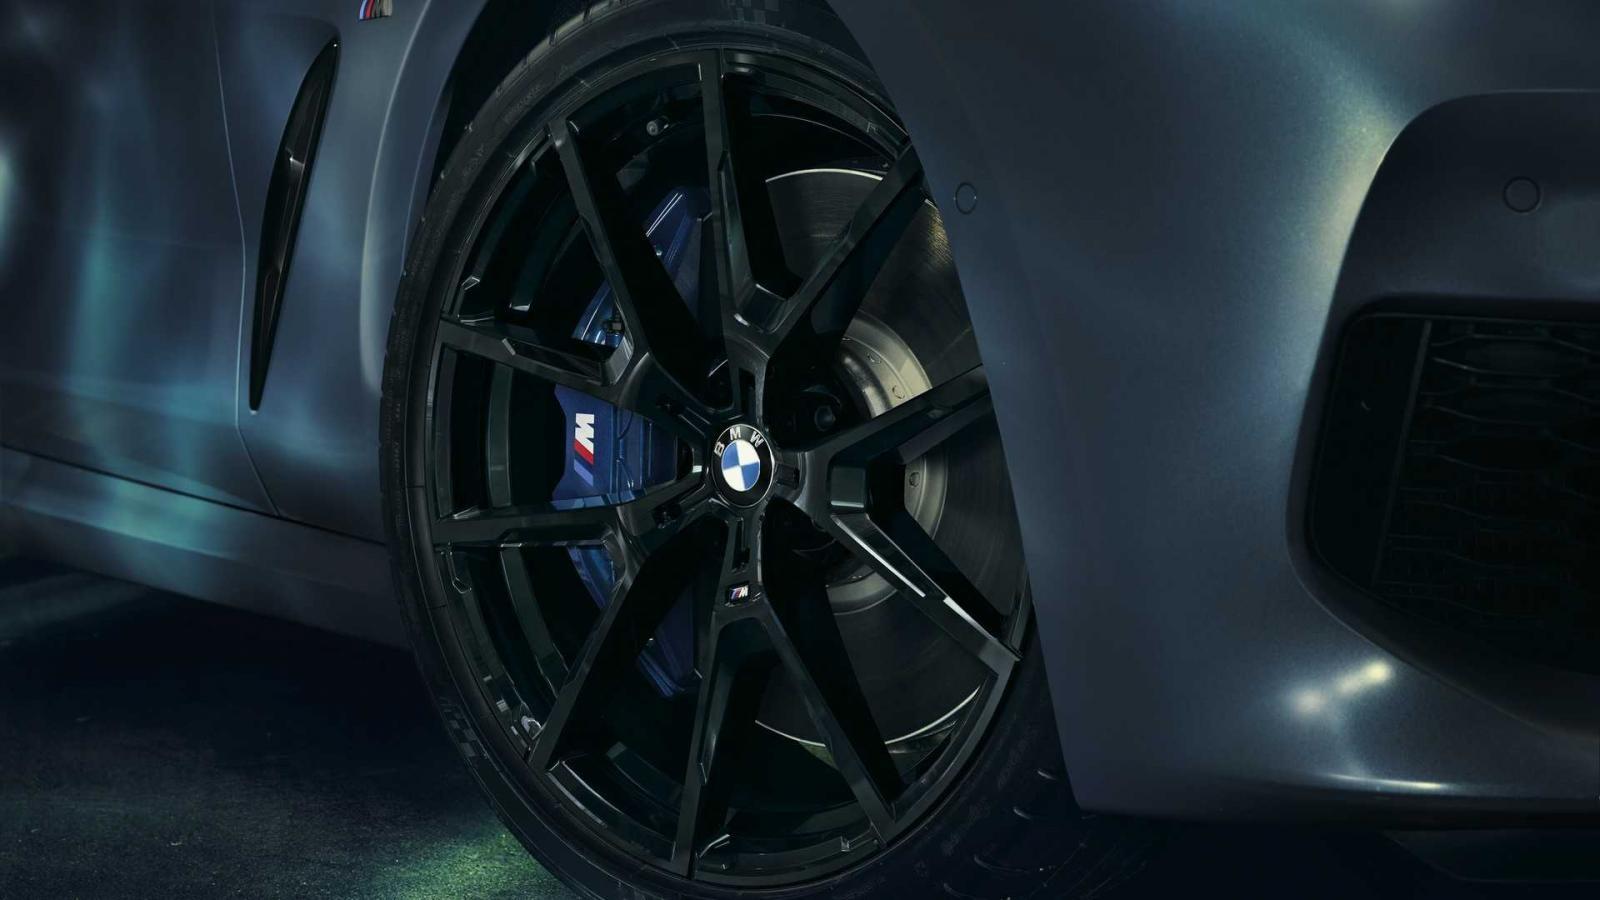 Bộ vành 20 inch với các chấu hình chữ Y của BMW 8-Series First Edition 2019